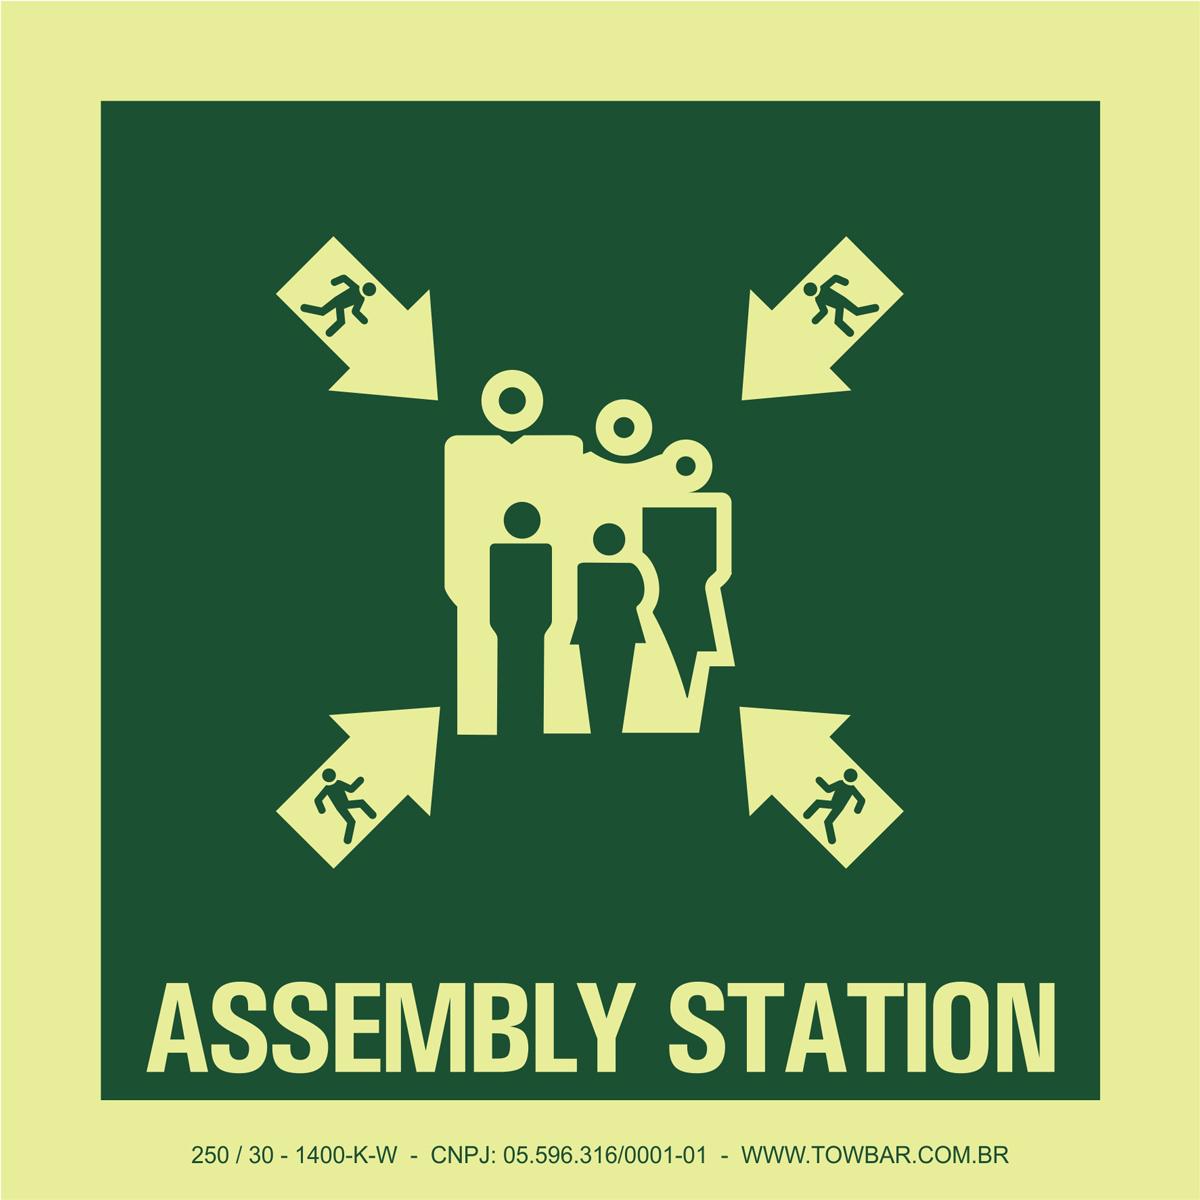 Assembly Station  - Towbar Sinalização de Segurança